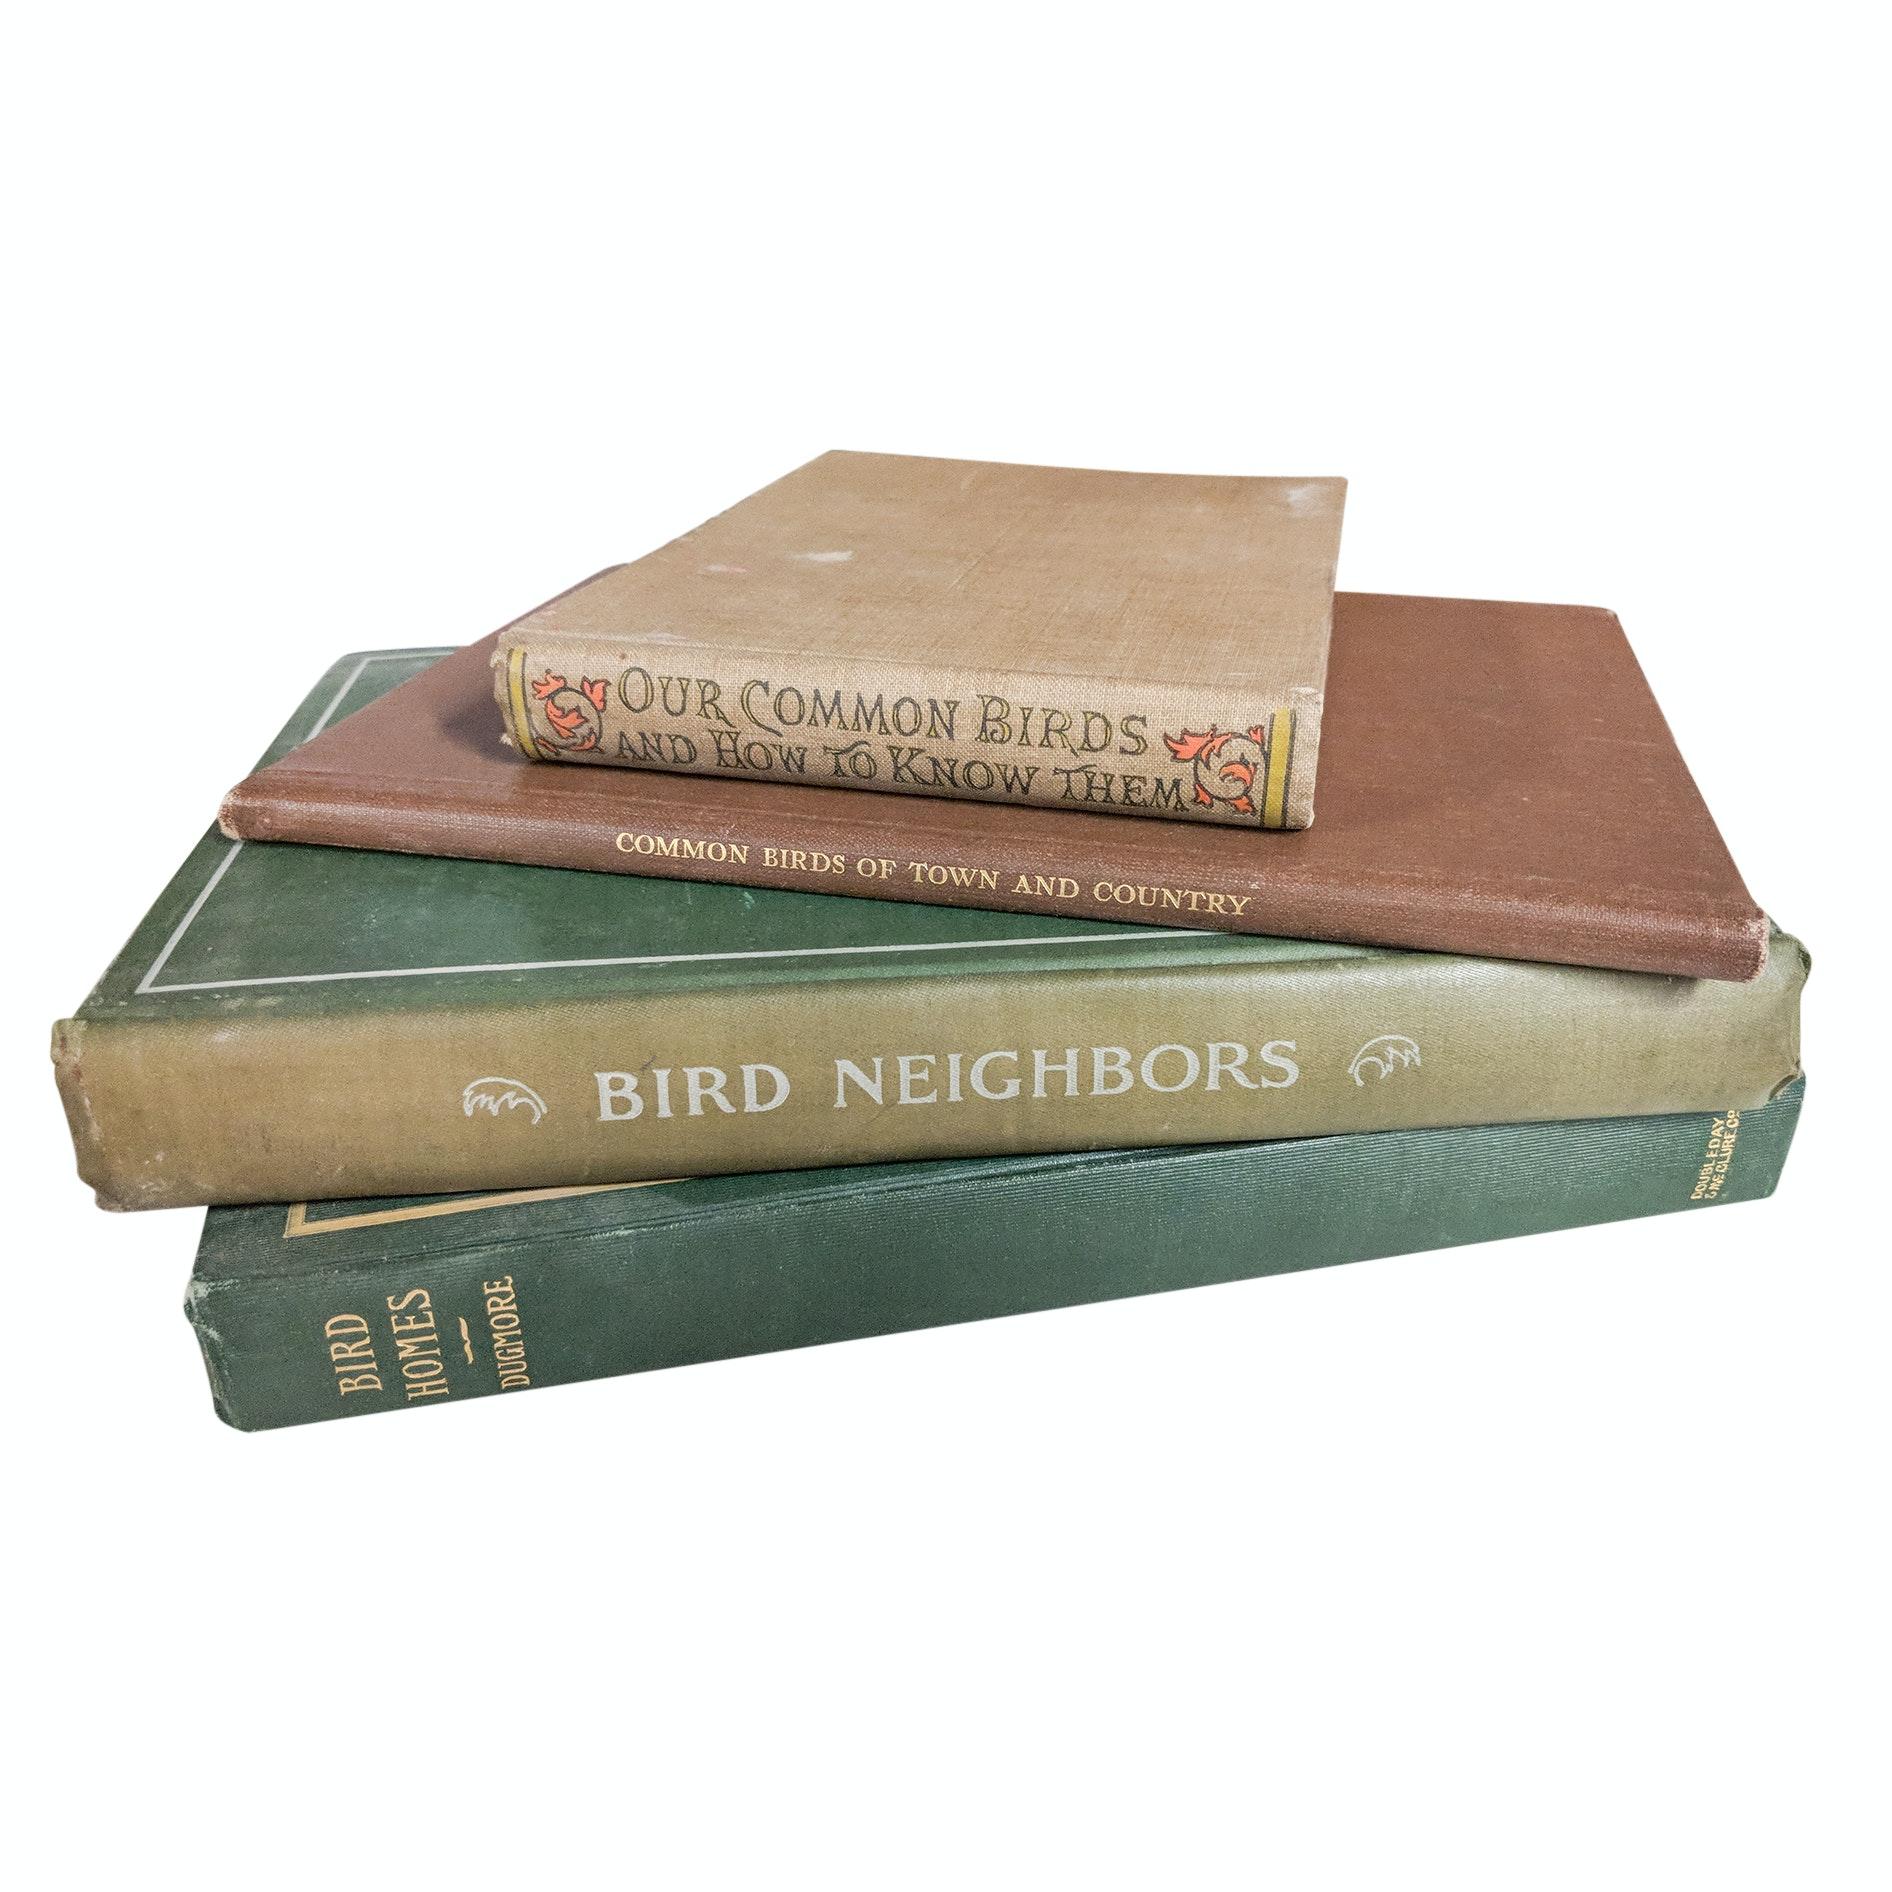 Antique Bird Enthusiast Hardcover Books